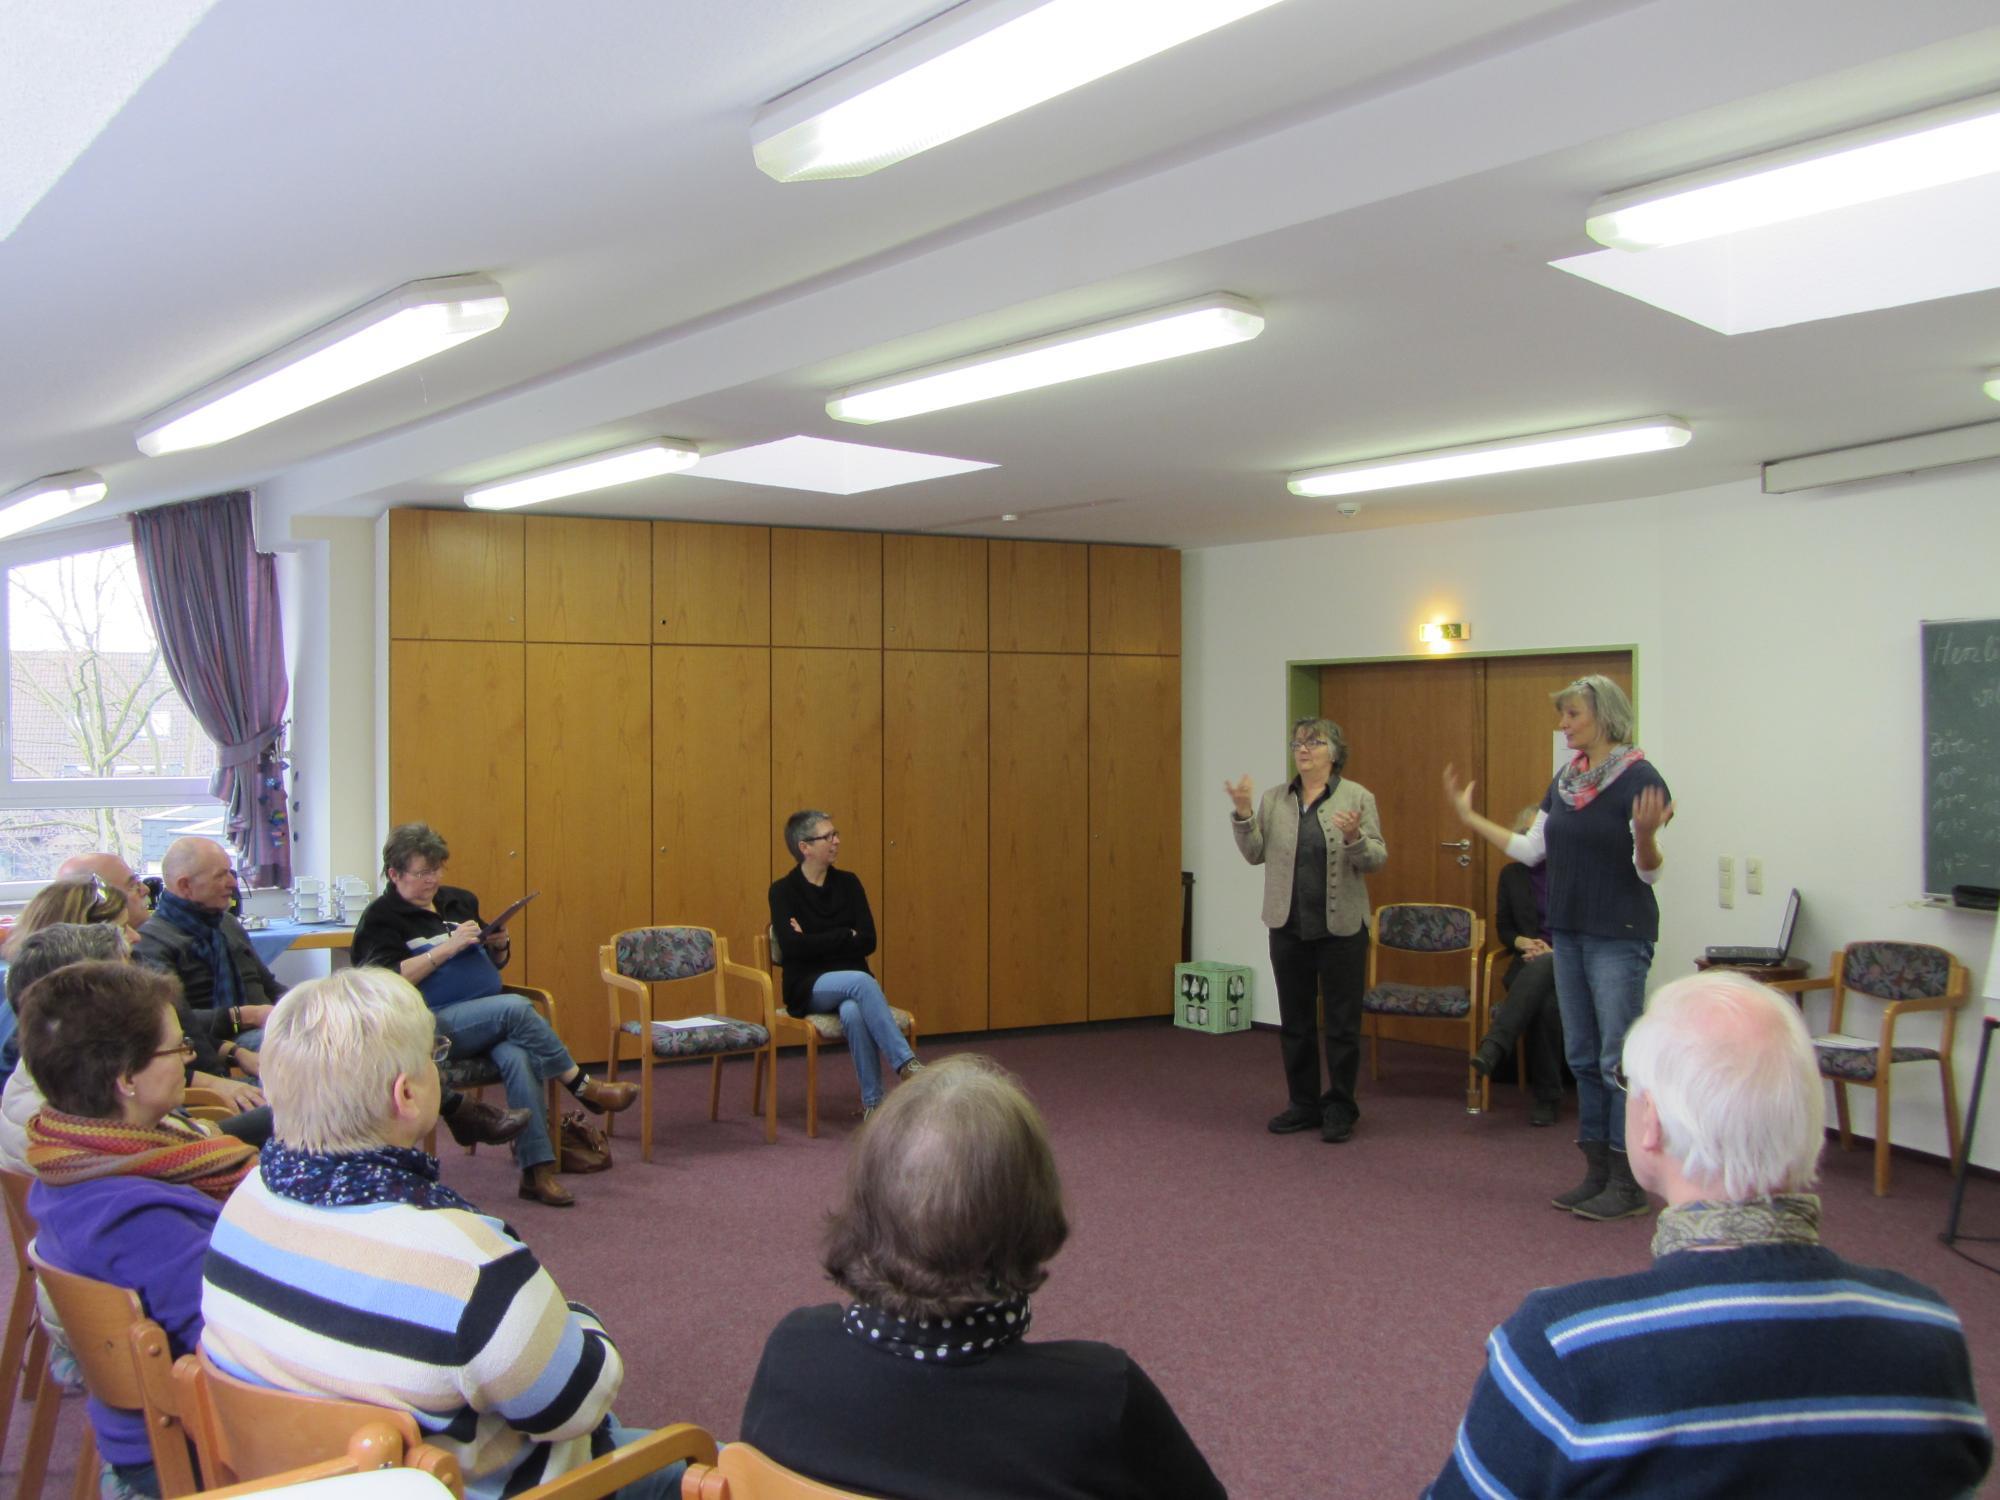 Herzlich willkommen zum ersten Kinästhetik-Kurs für Gehörlose!